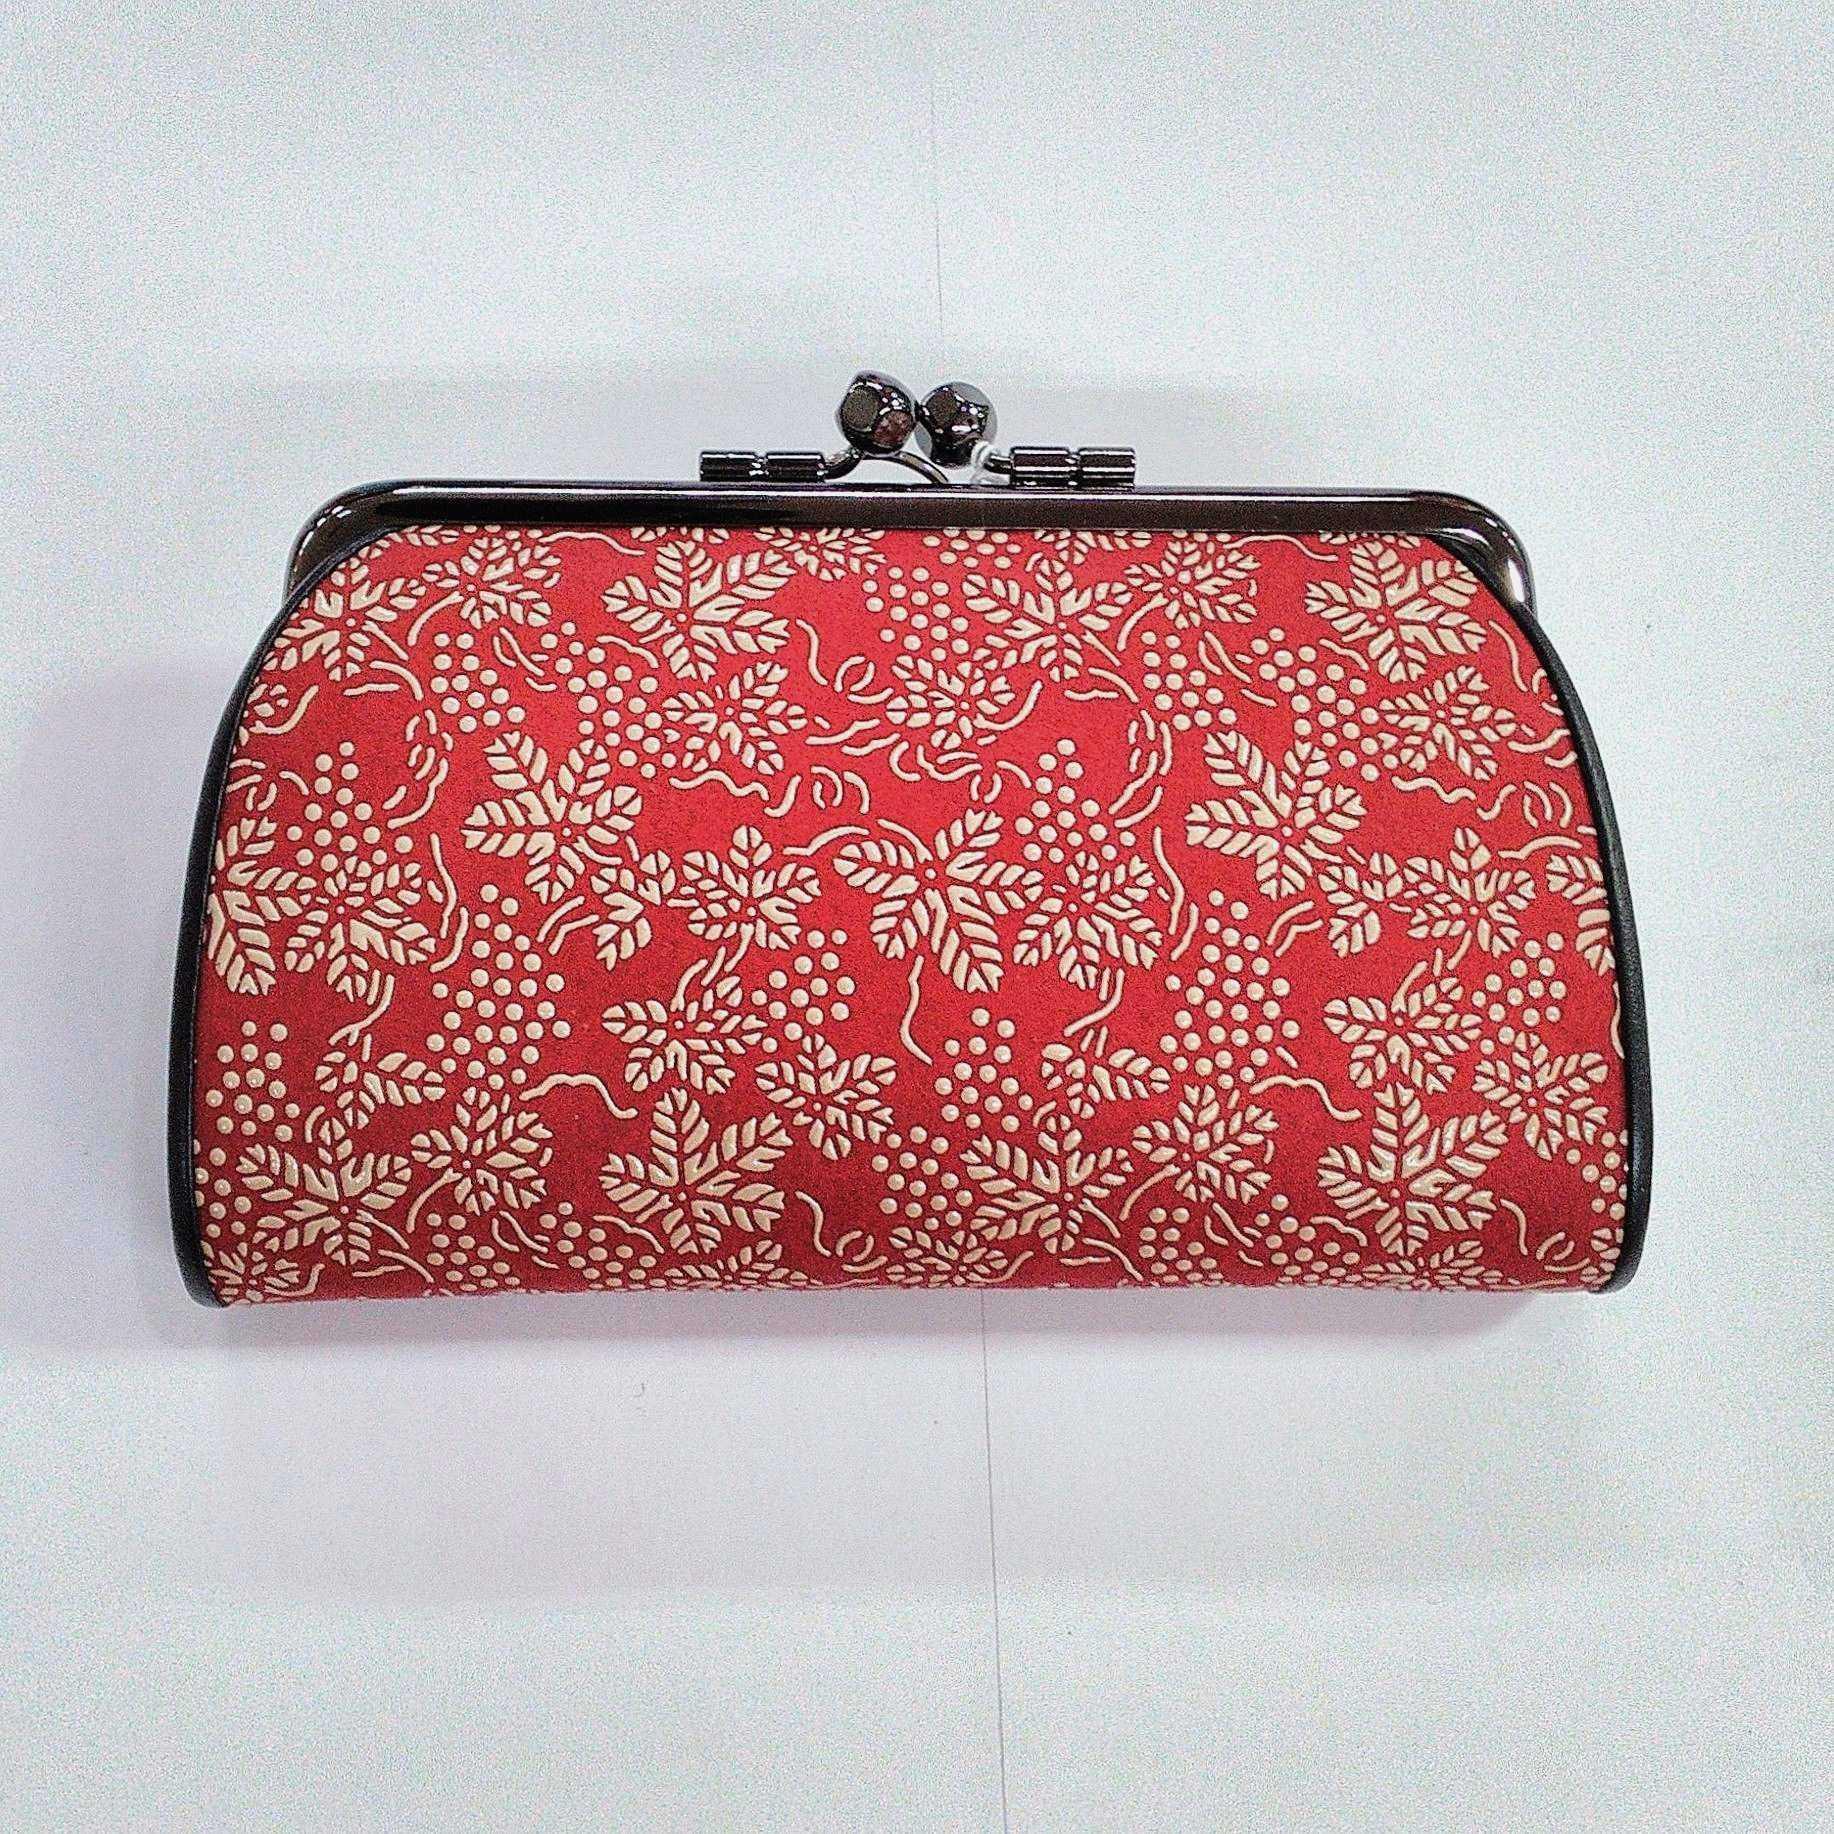 がま口財布 1501|印傳屋